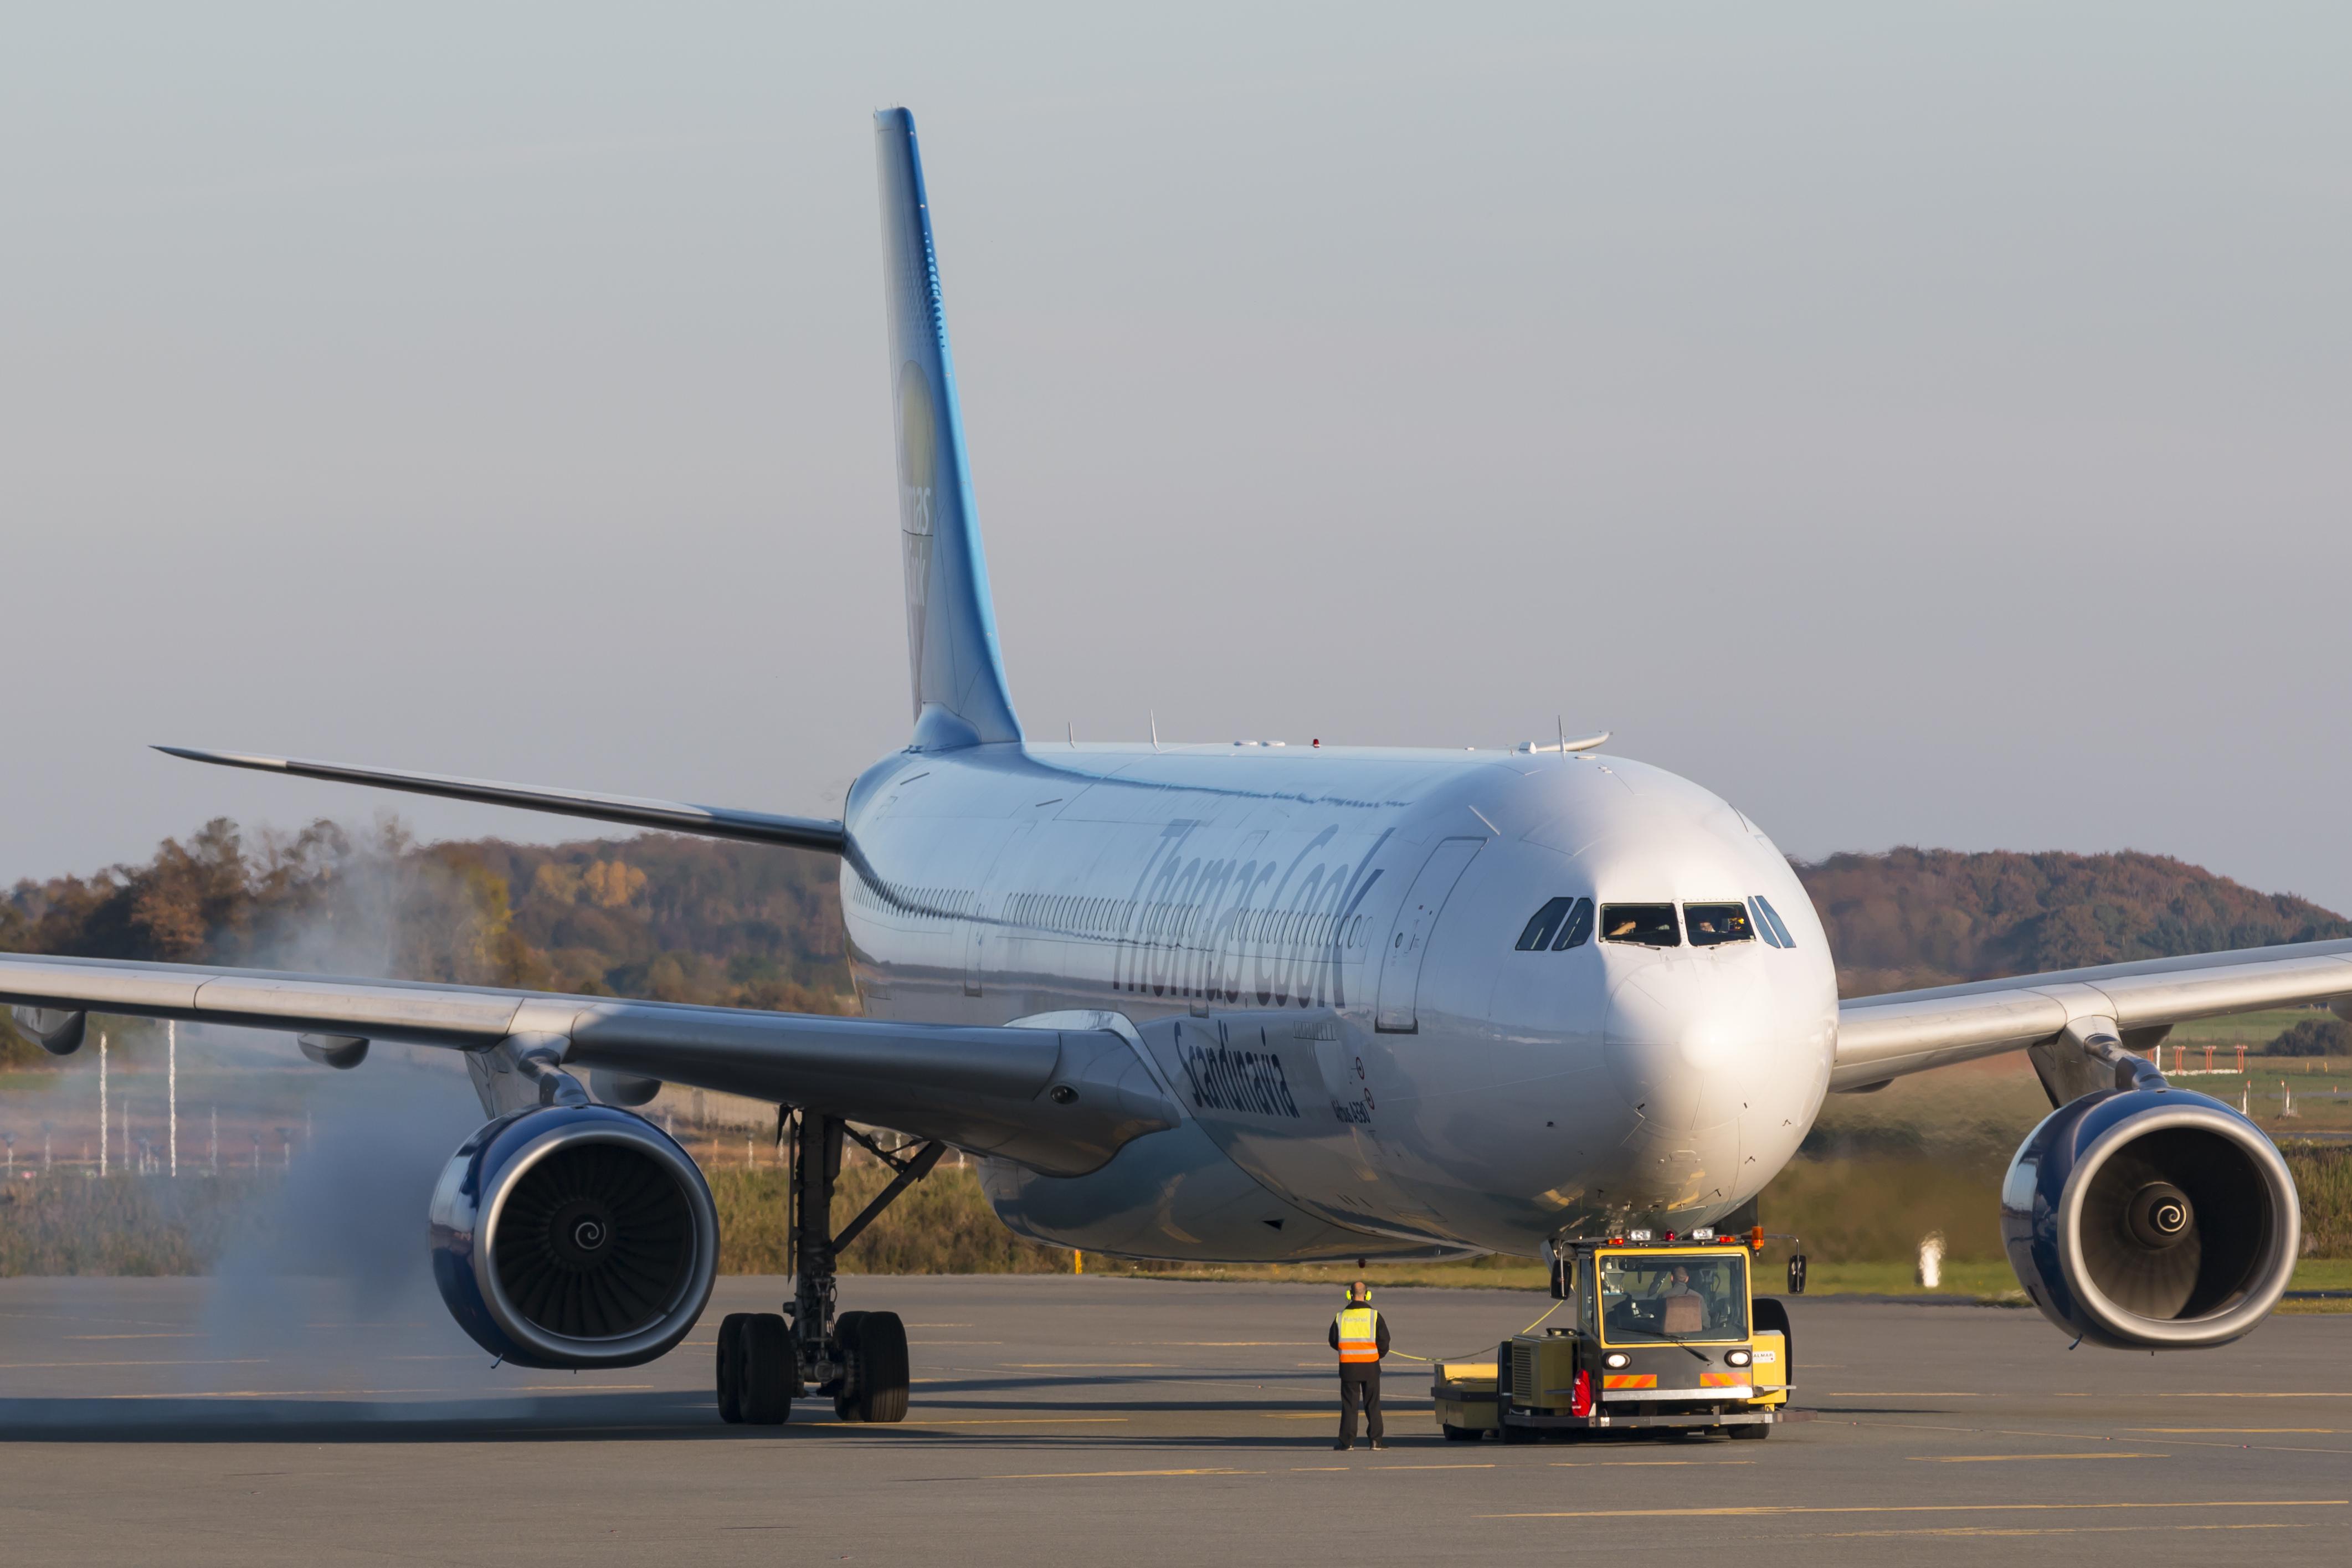 Airbus A330-300'eren OY-VKI, der i øjeblikket venter i Sharjah. (Arkivfoto: © Thorbjørn Brunander Sund, Danish Aviation Photo)